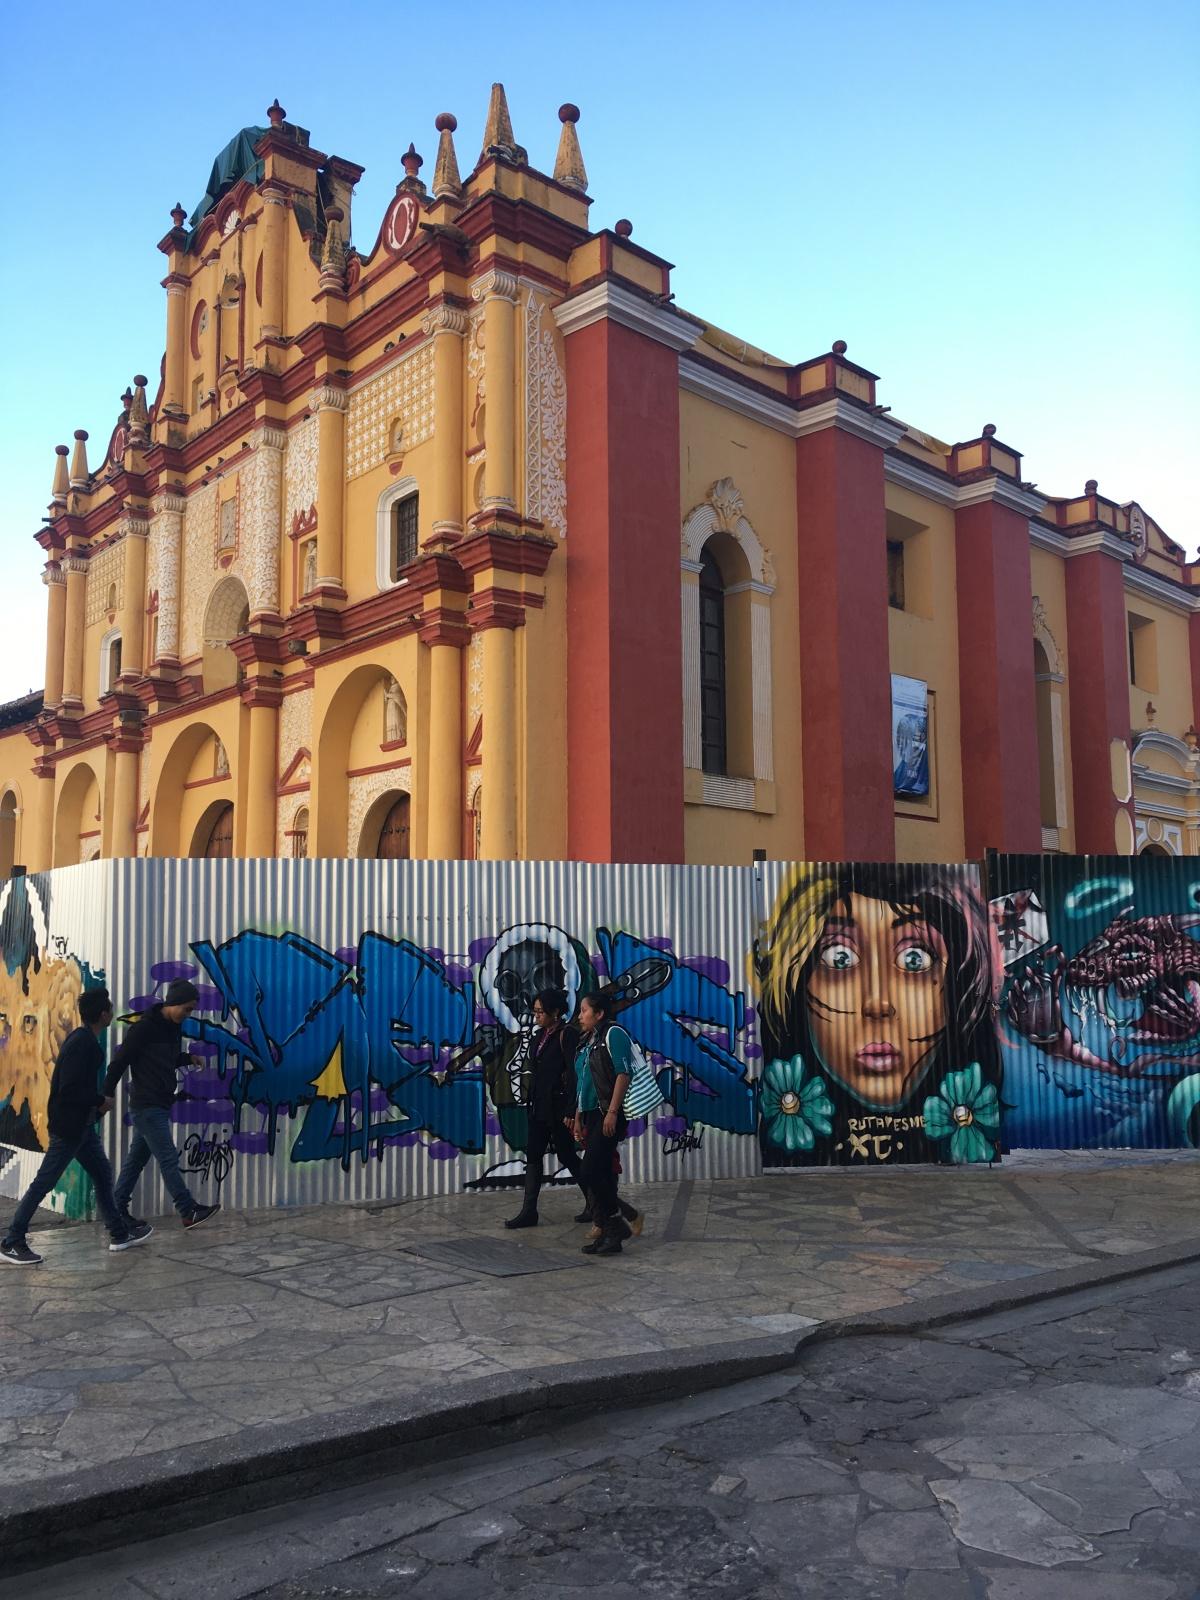 San Cristóbal de Las Casas: Cocodrilos, Controversial Catholics, and a ClandestineArmy